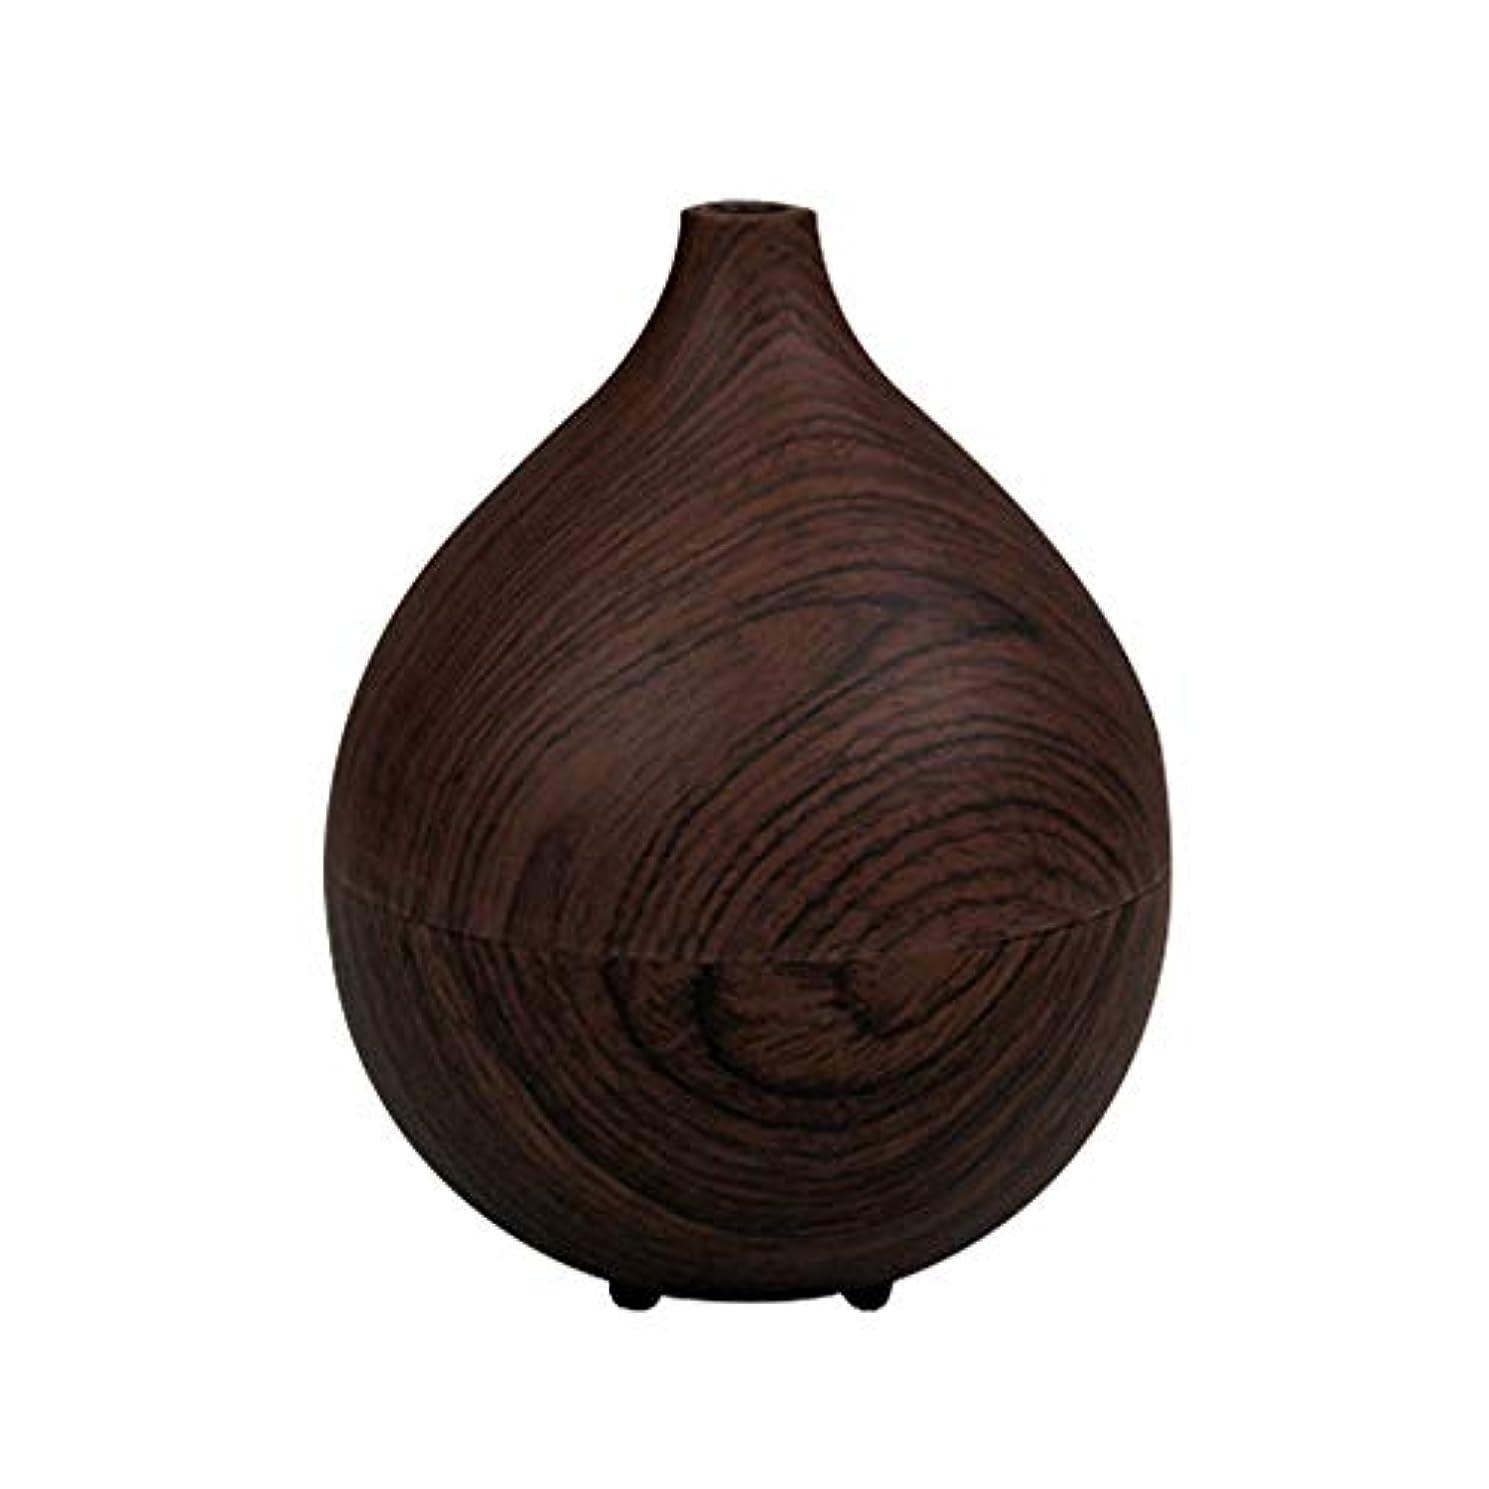 デッドロック消費和加湿器 アロマ 超音波 大容量 1.2L 卓上 アロマディフューザー オフィス 乾燥対策 木目調 かわいい 潤い